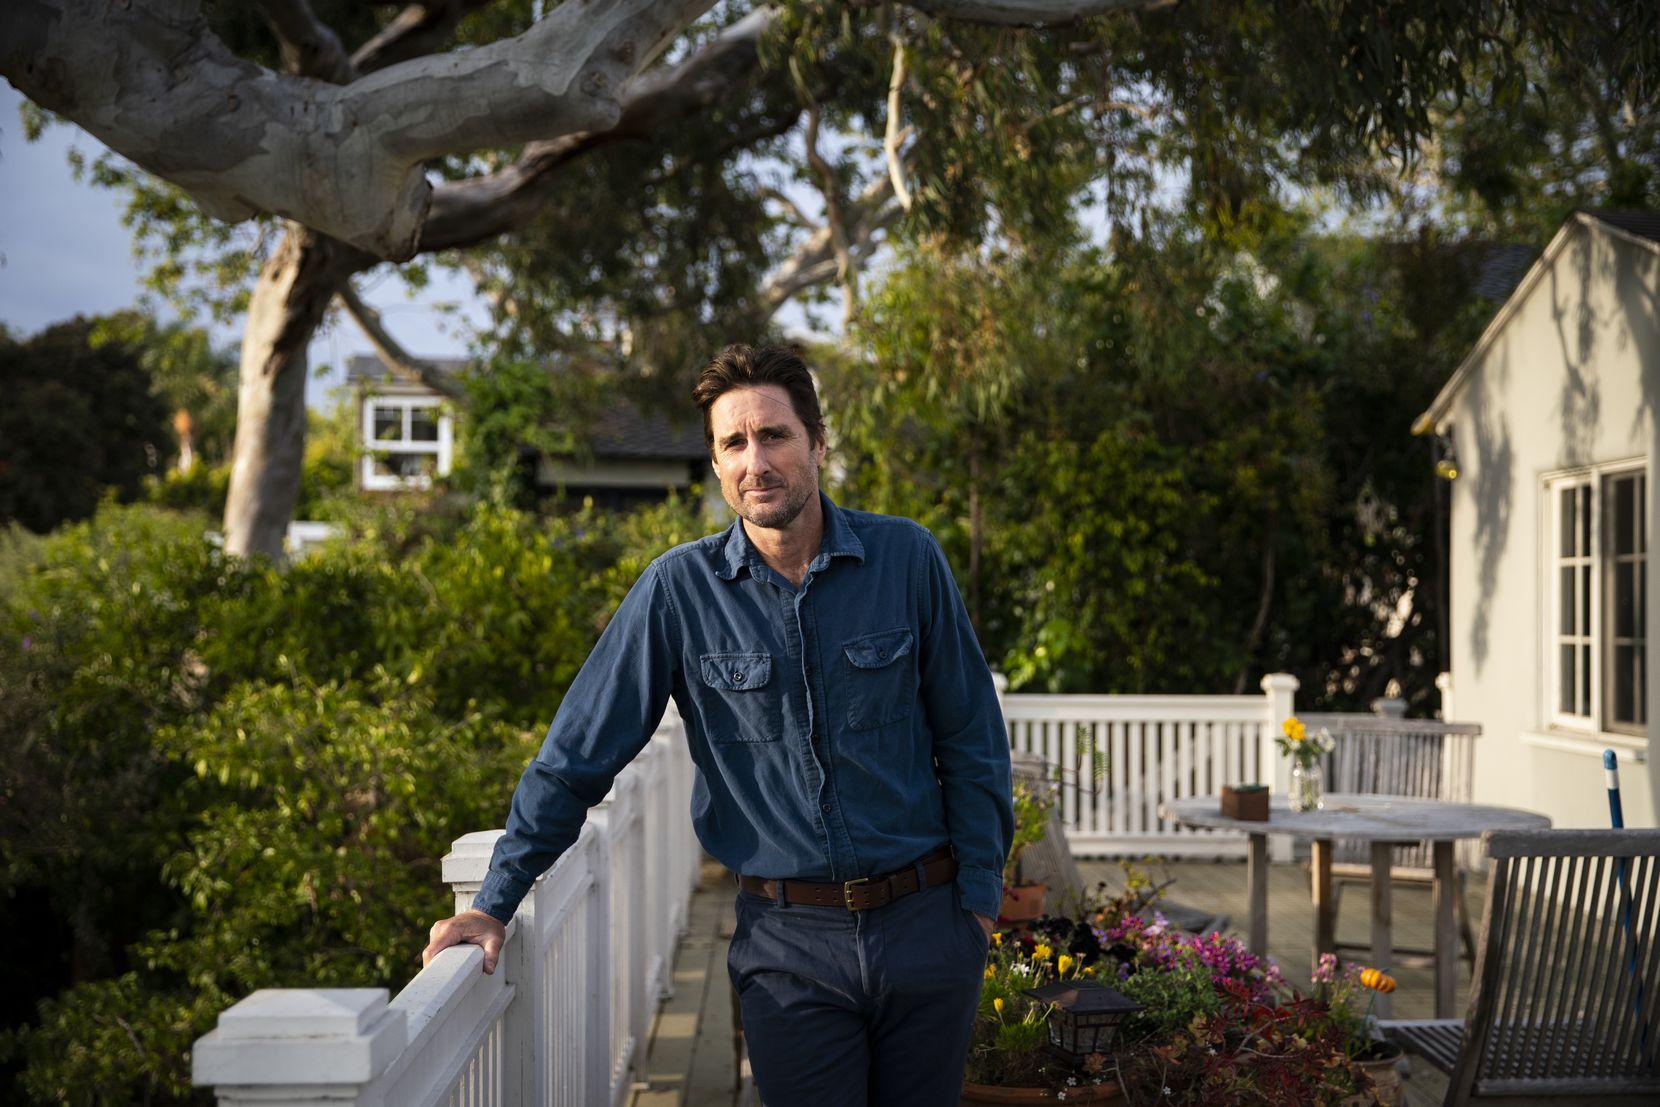 Lūks Vilsons aprīlī pozē fotogrāfijā savās mājās Santa Monikā.